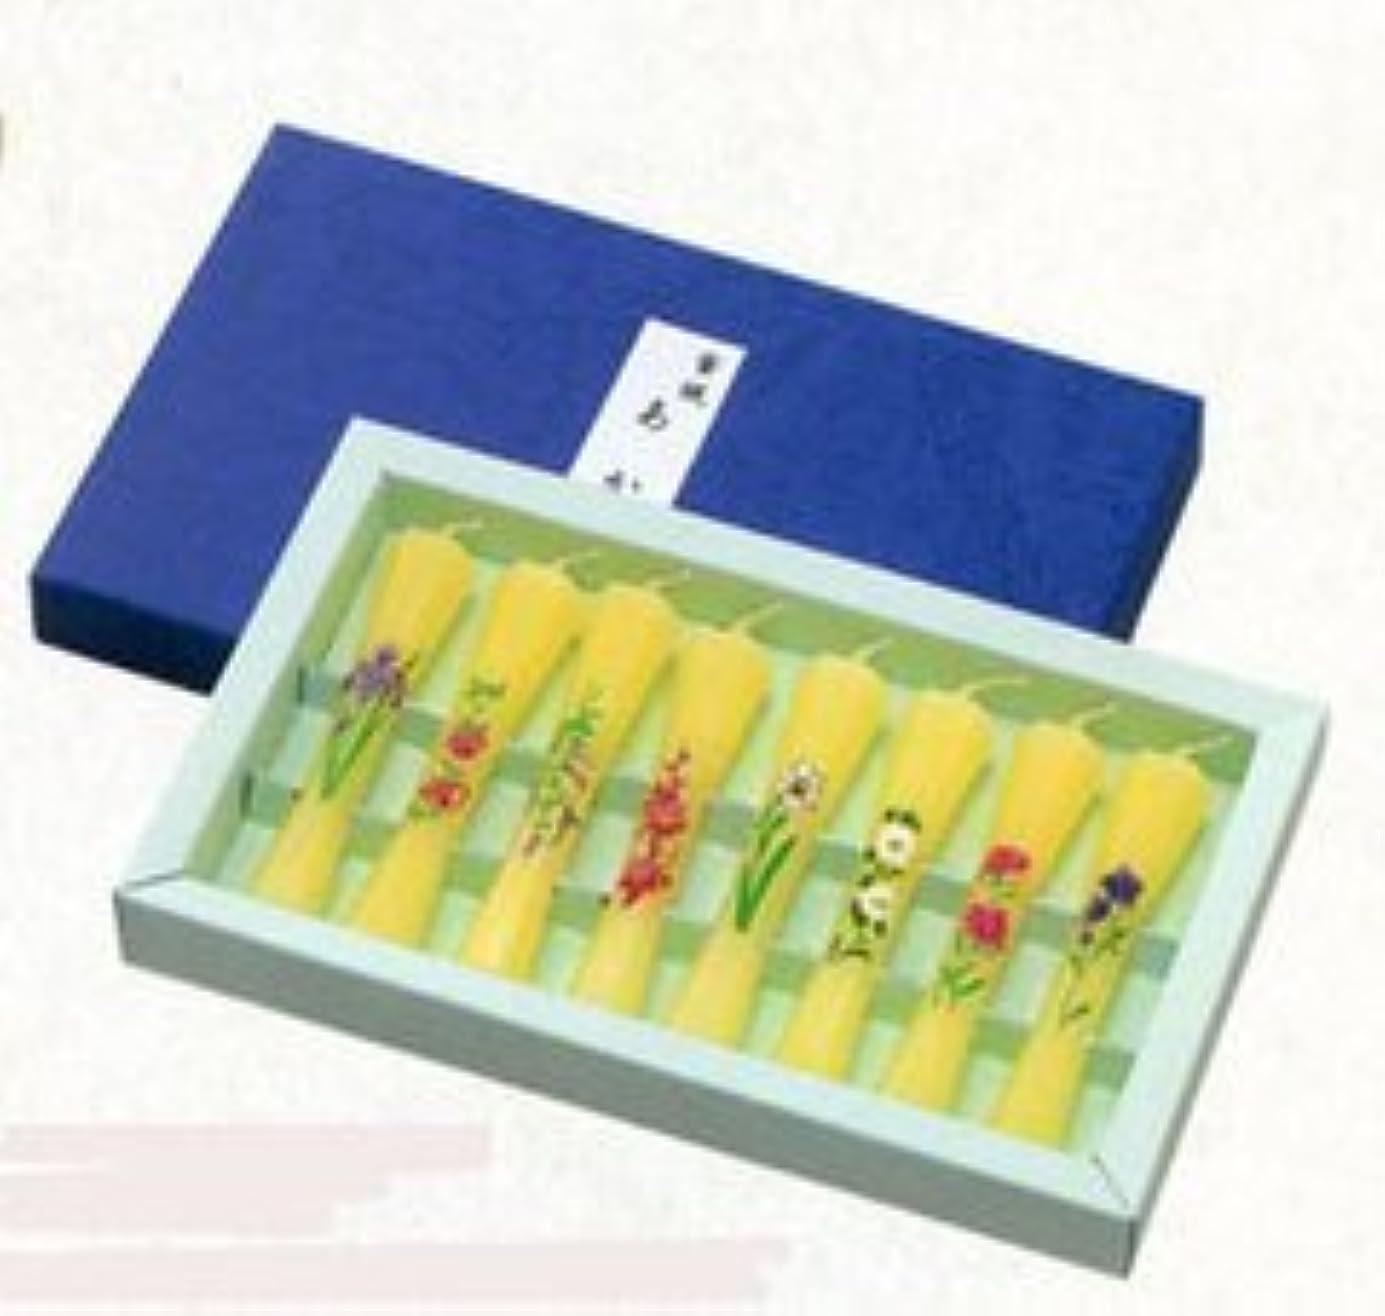 ネックレット上昇海賊鮮やかな花の絵ローソク8本 蜜蝋(みつろー) 茜 絵ローソク